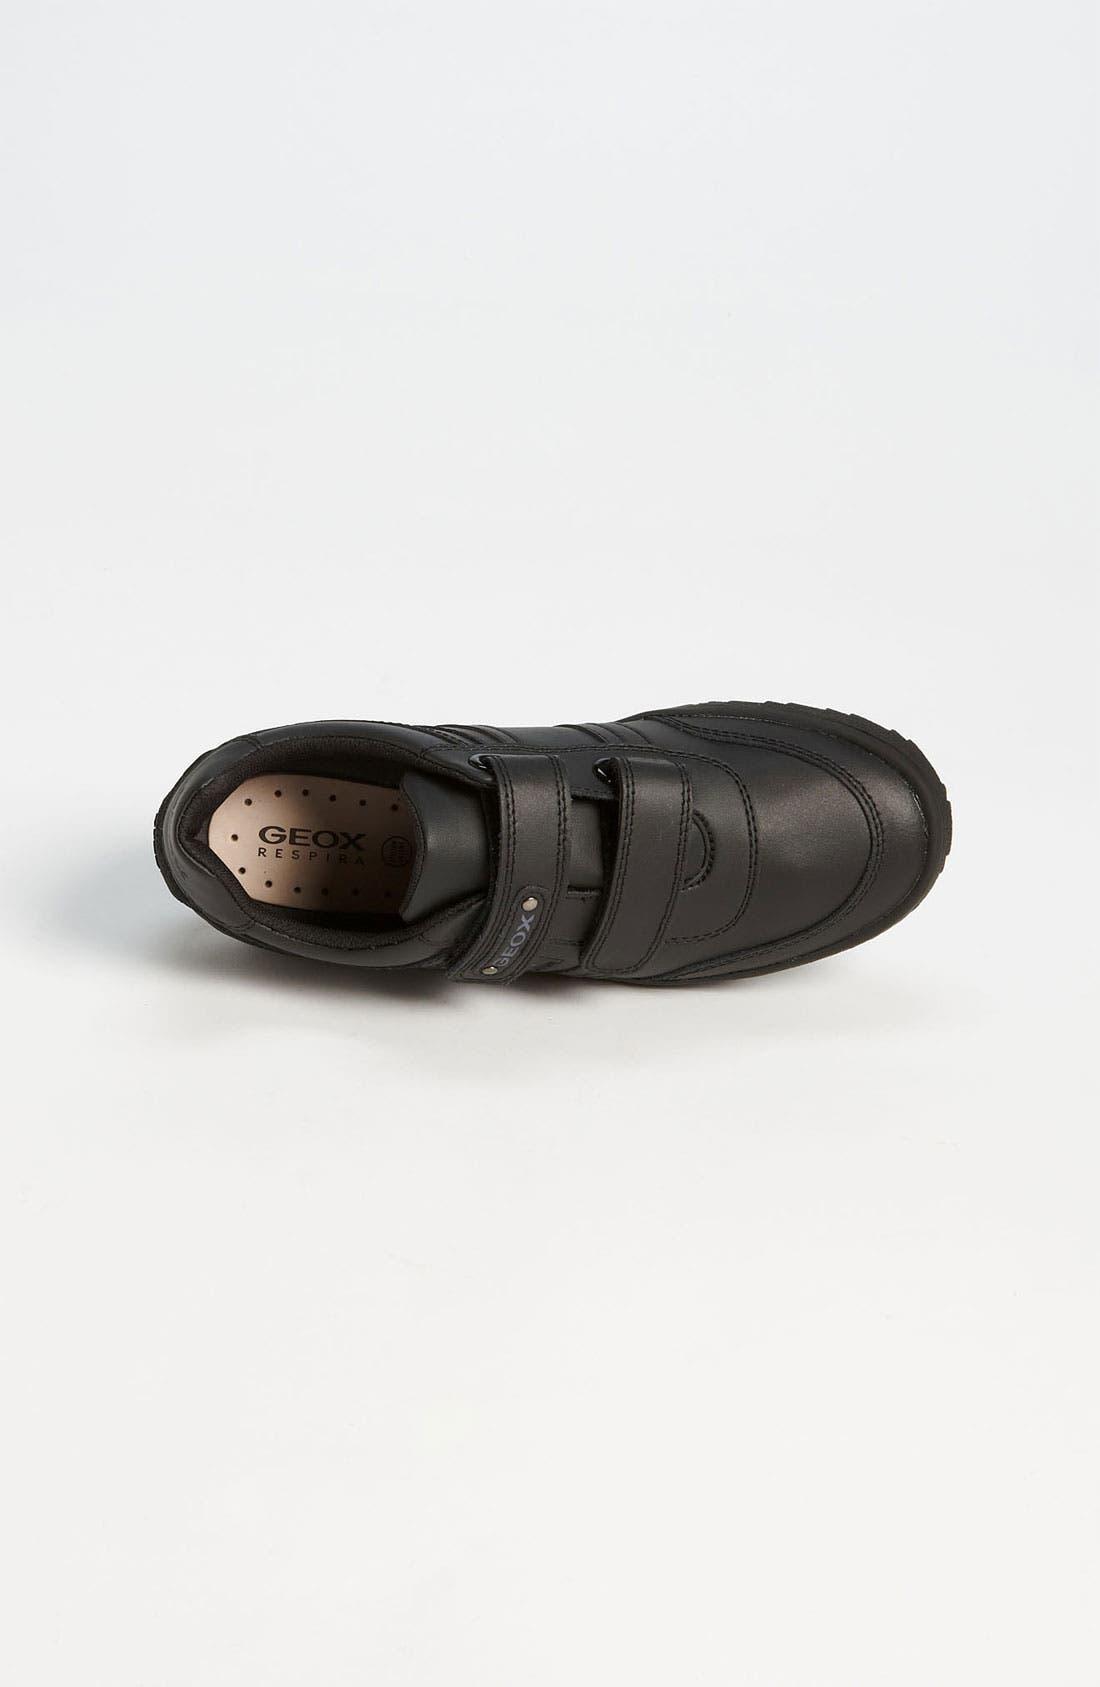 Alternate Image 3  - Geox 'Atlante Smooth' Sneaker (Toddler, Little Kid & Big Kid)